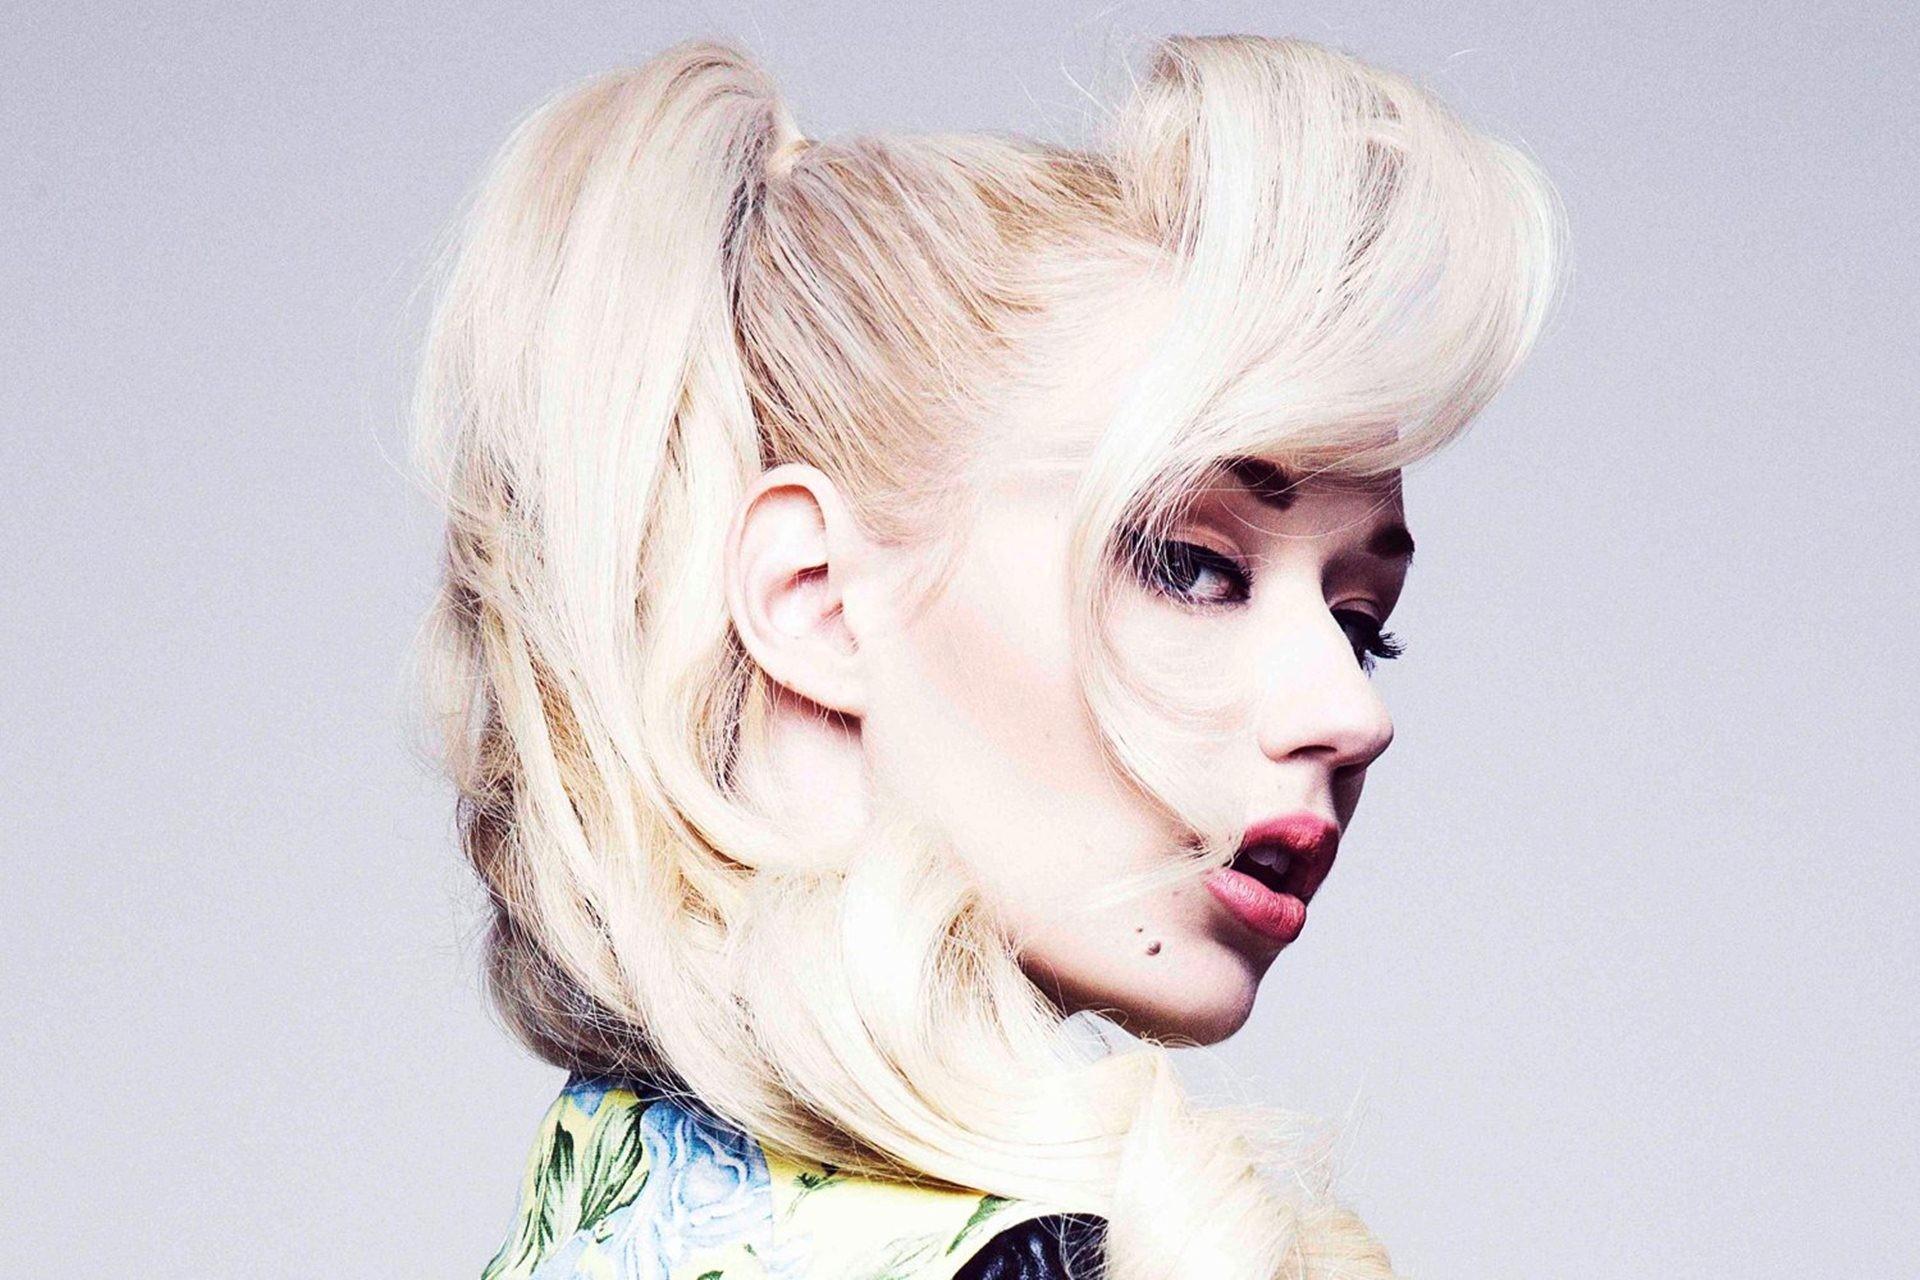 デスクトップ壁紙 面 女性 モデル ポートレート 長い髪 ヒップ